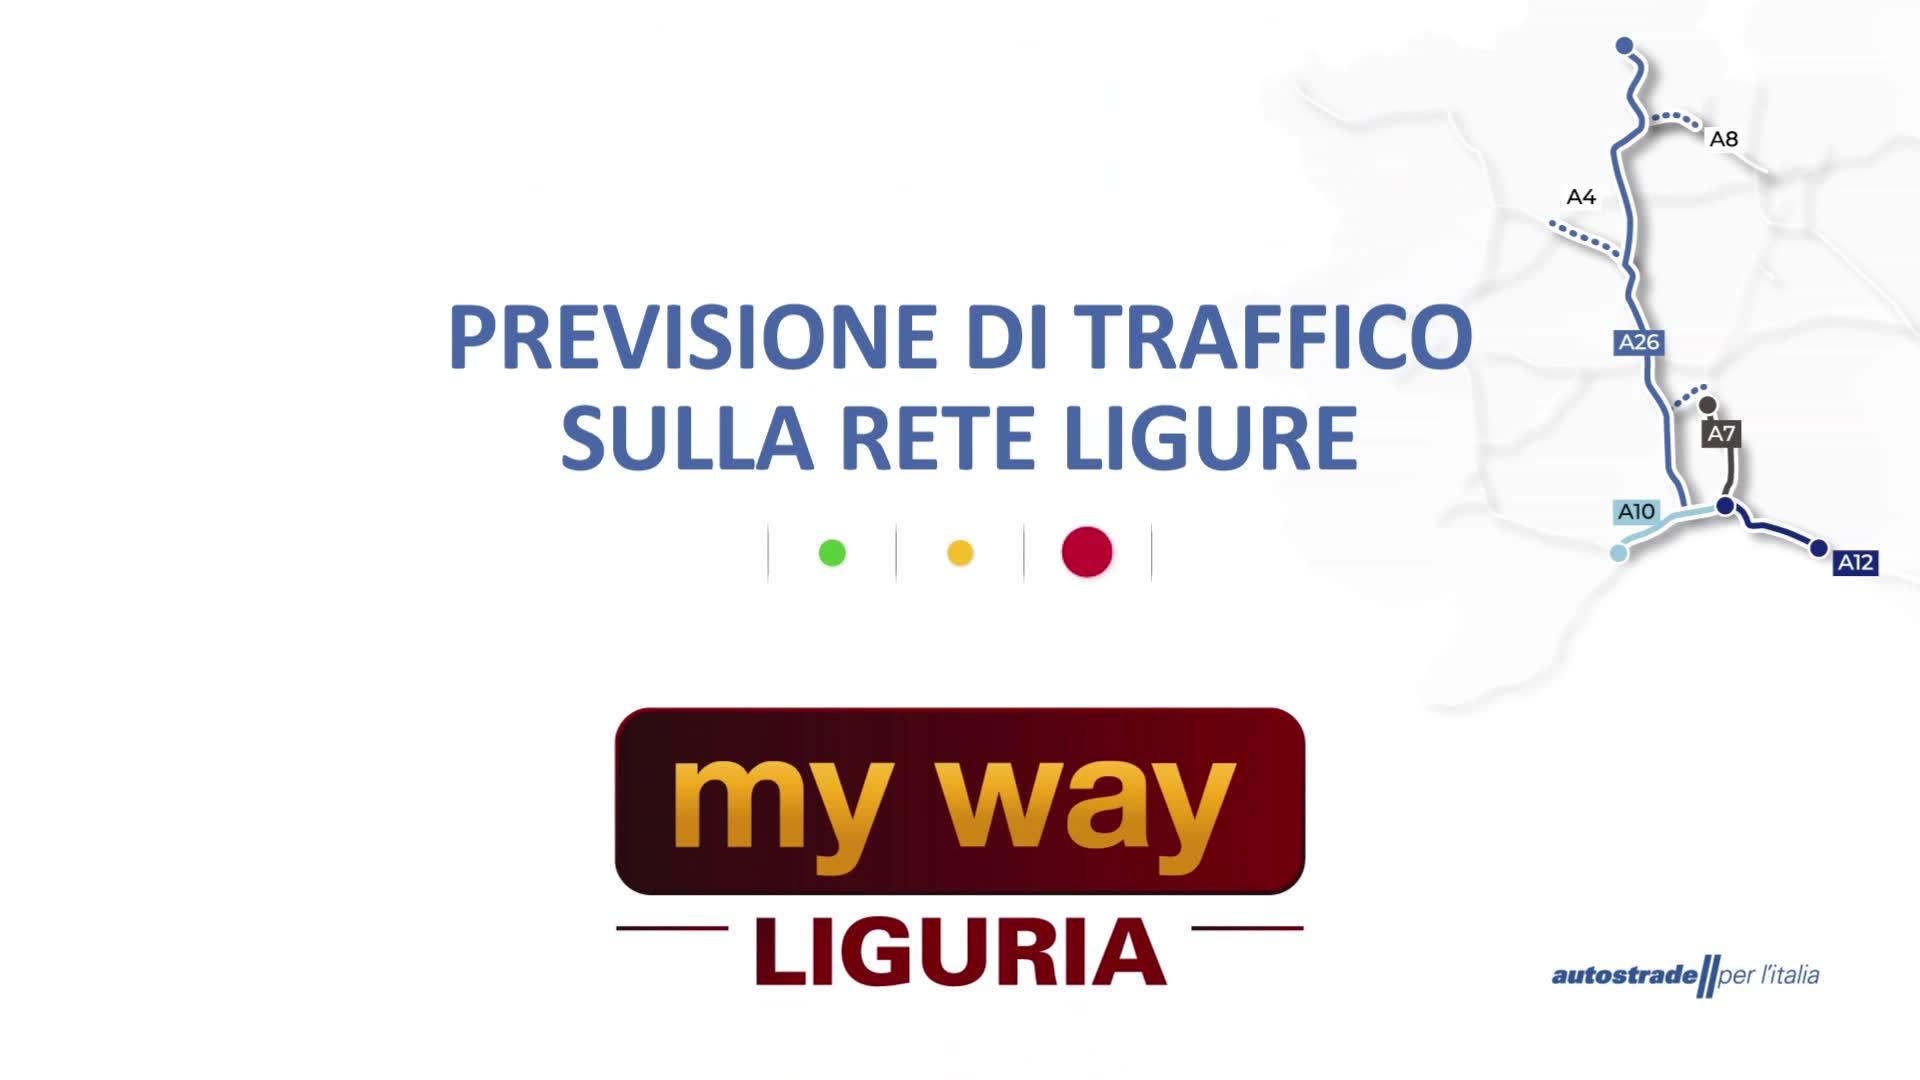 Le previsioni del traffico sulle autostrade della Liguria per domenica 17 ottobre